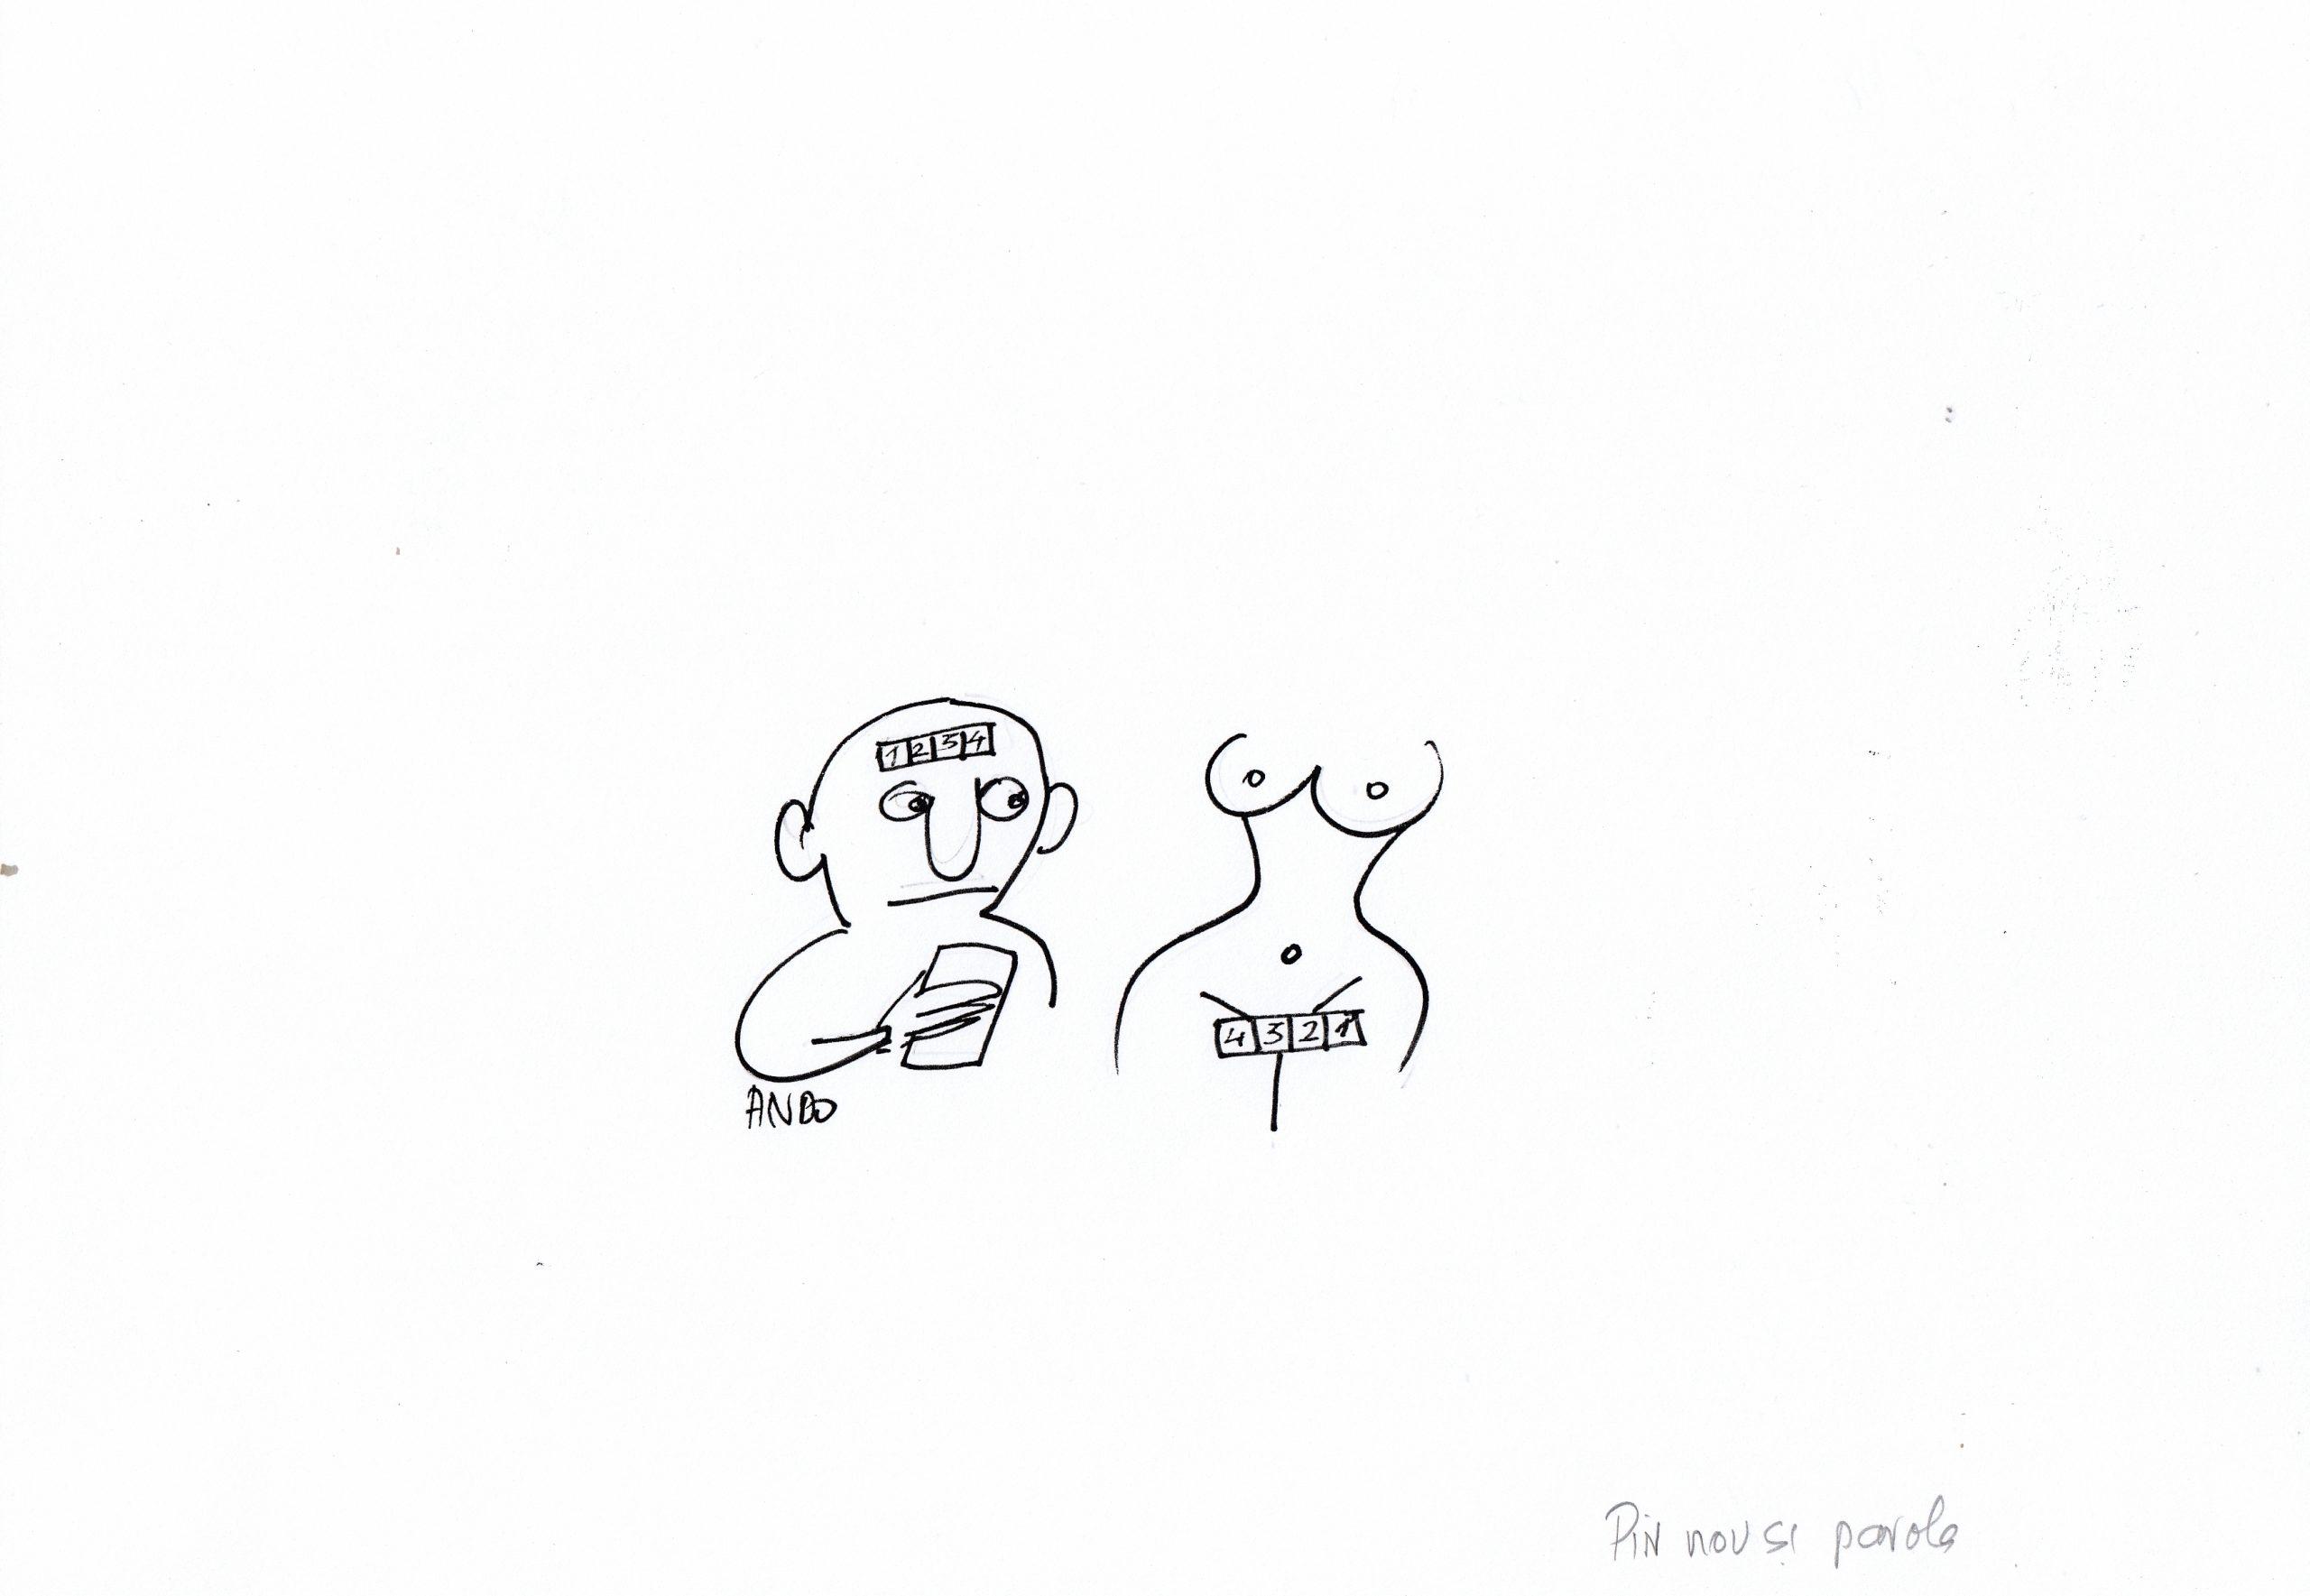 CODURI Ep. 191